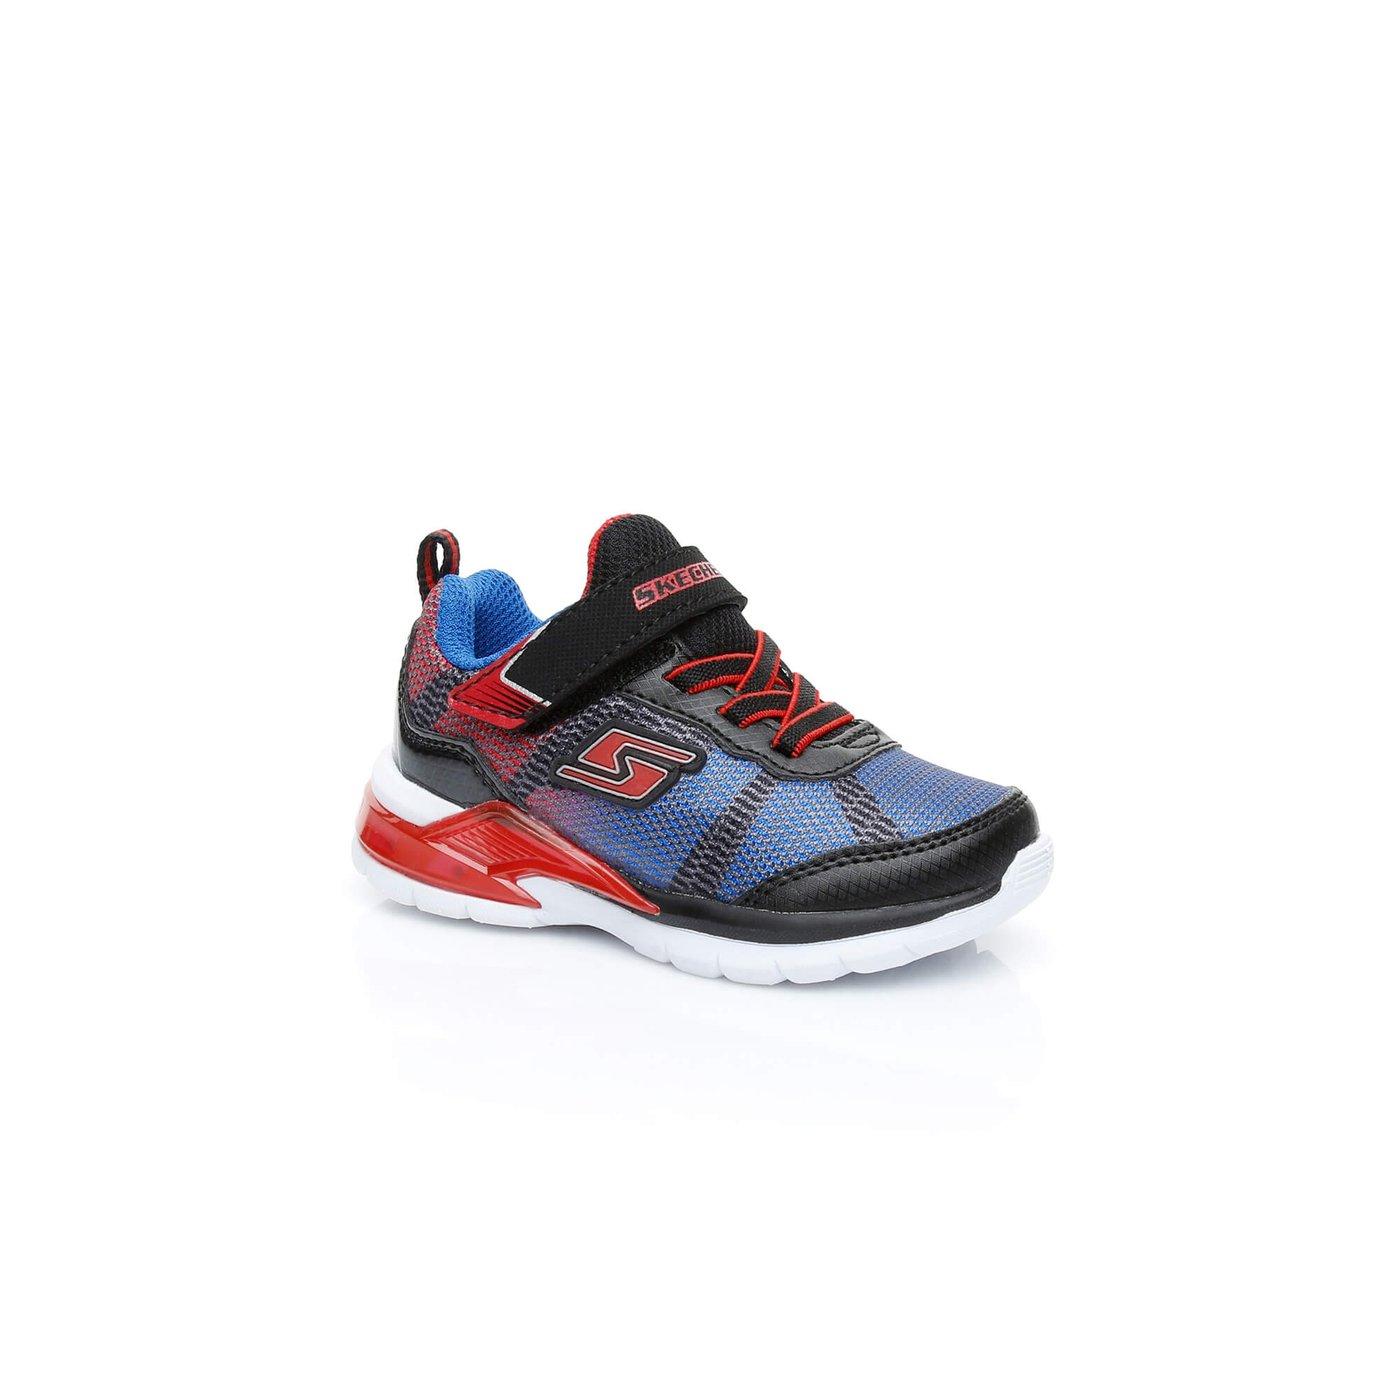 Skechers Eruters II Çocuk Lacivert Işıklı Spor Ayakkabı